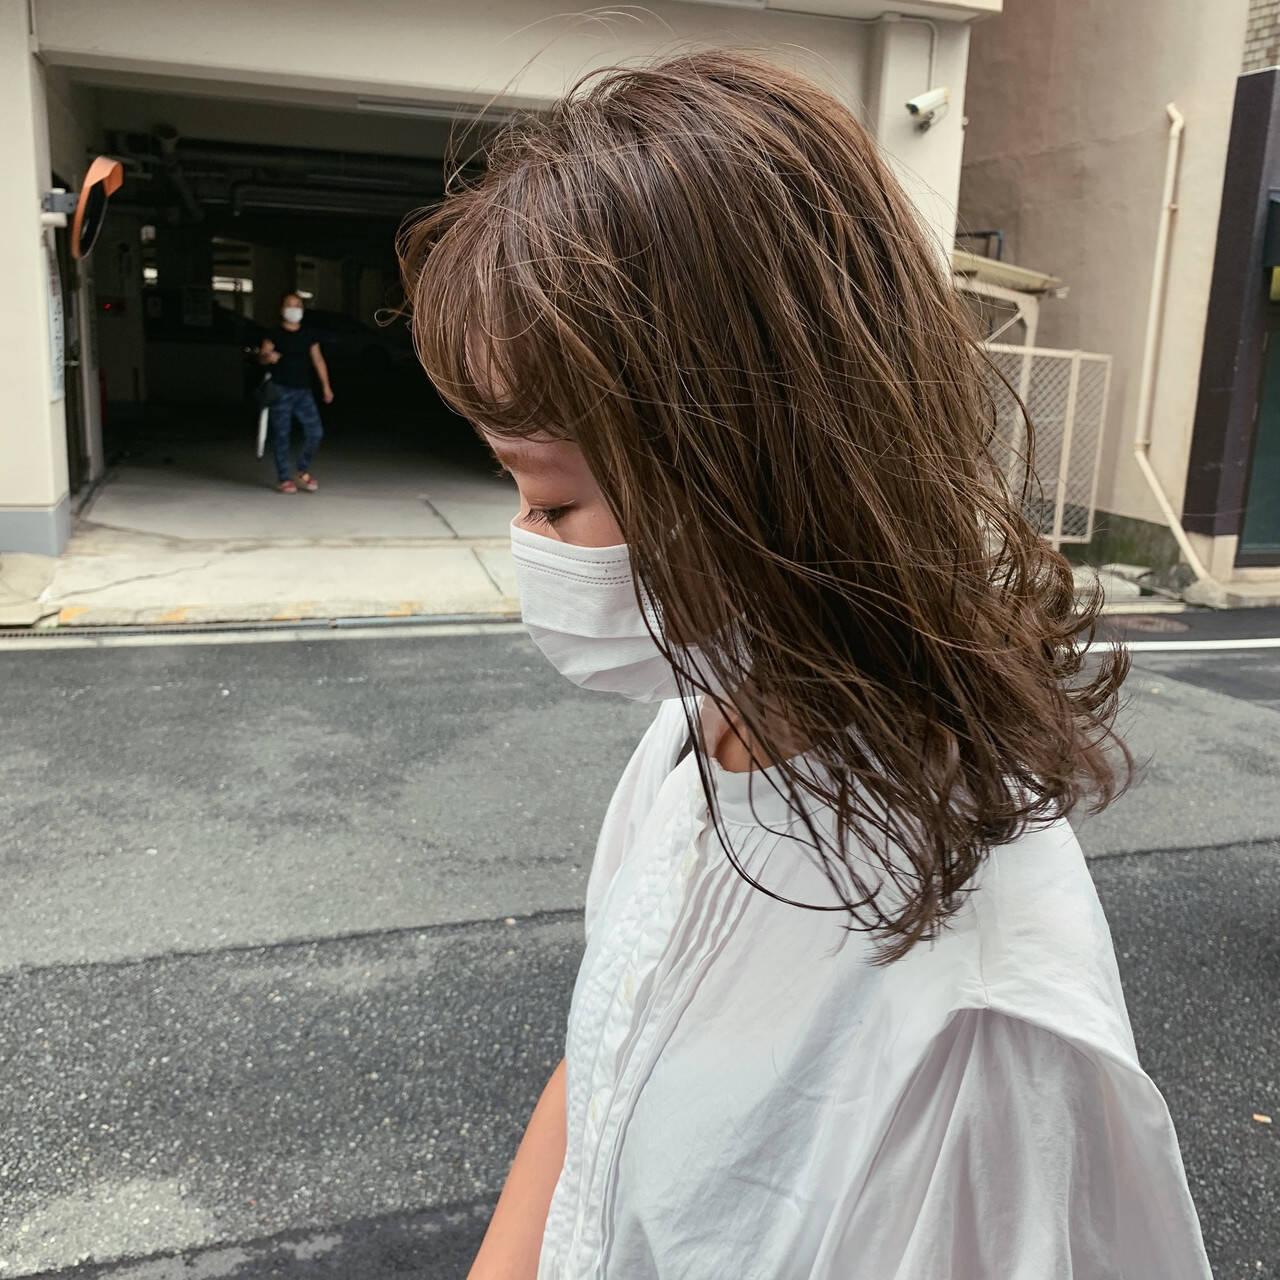 グレージュ ミルクティーグレージュ ナチュラル クリーミーカラーヘアスタイルや髪型の写真・画像